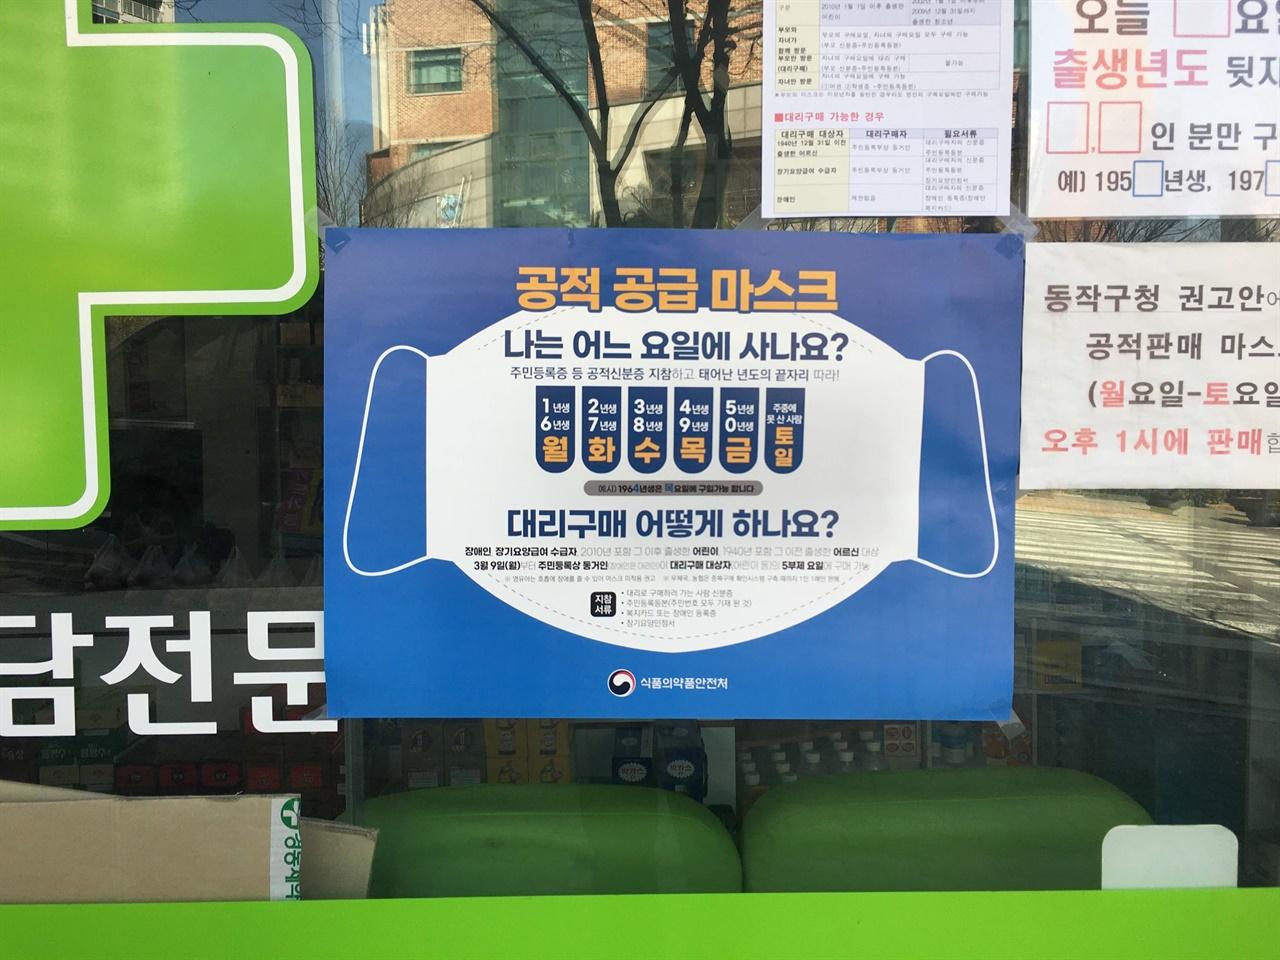 공적 공급마스크 구매 관련 안내문